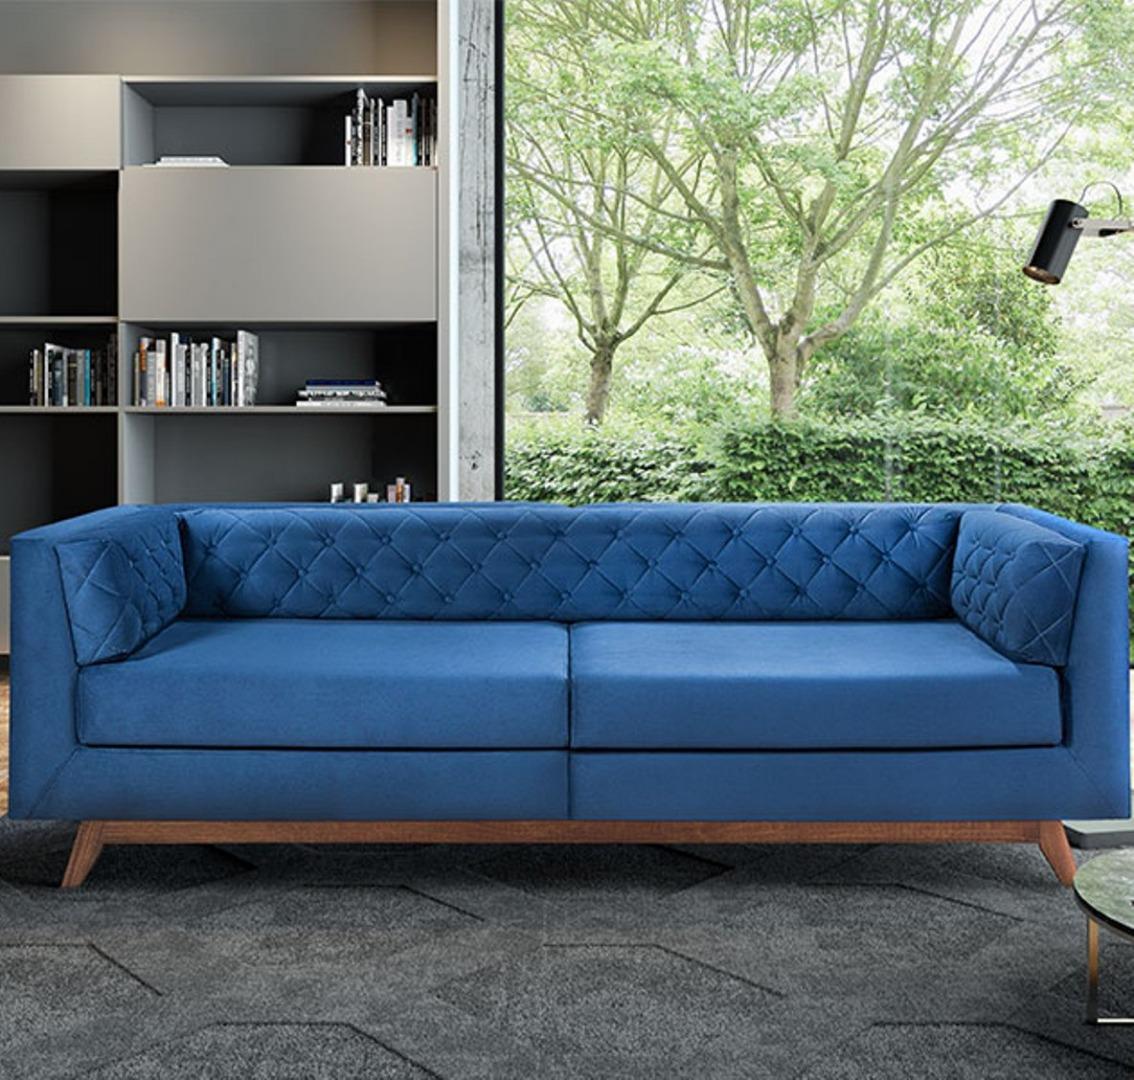 Estofado Jurere 2,4 Percintas Elásticas Trançadas - Almofadas Soltas com Espuma D-26 Soft - Azul - Ideale